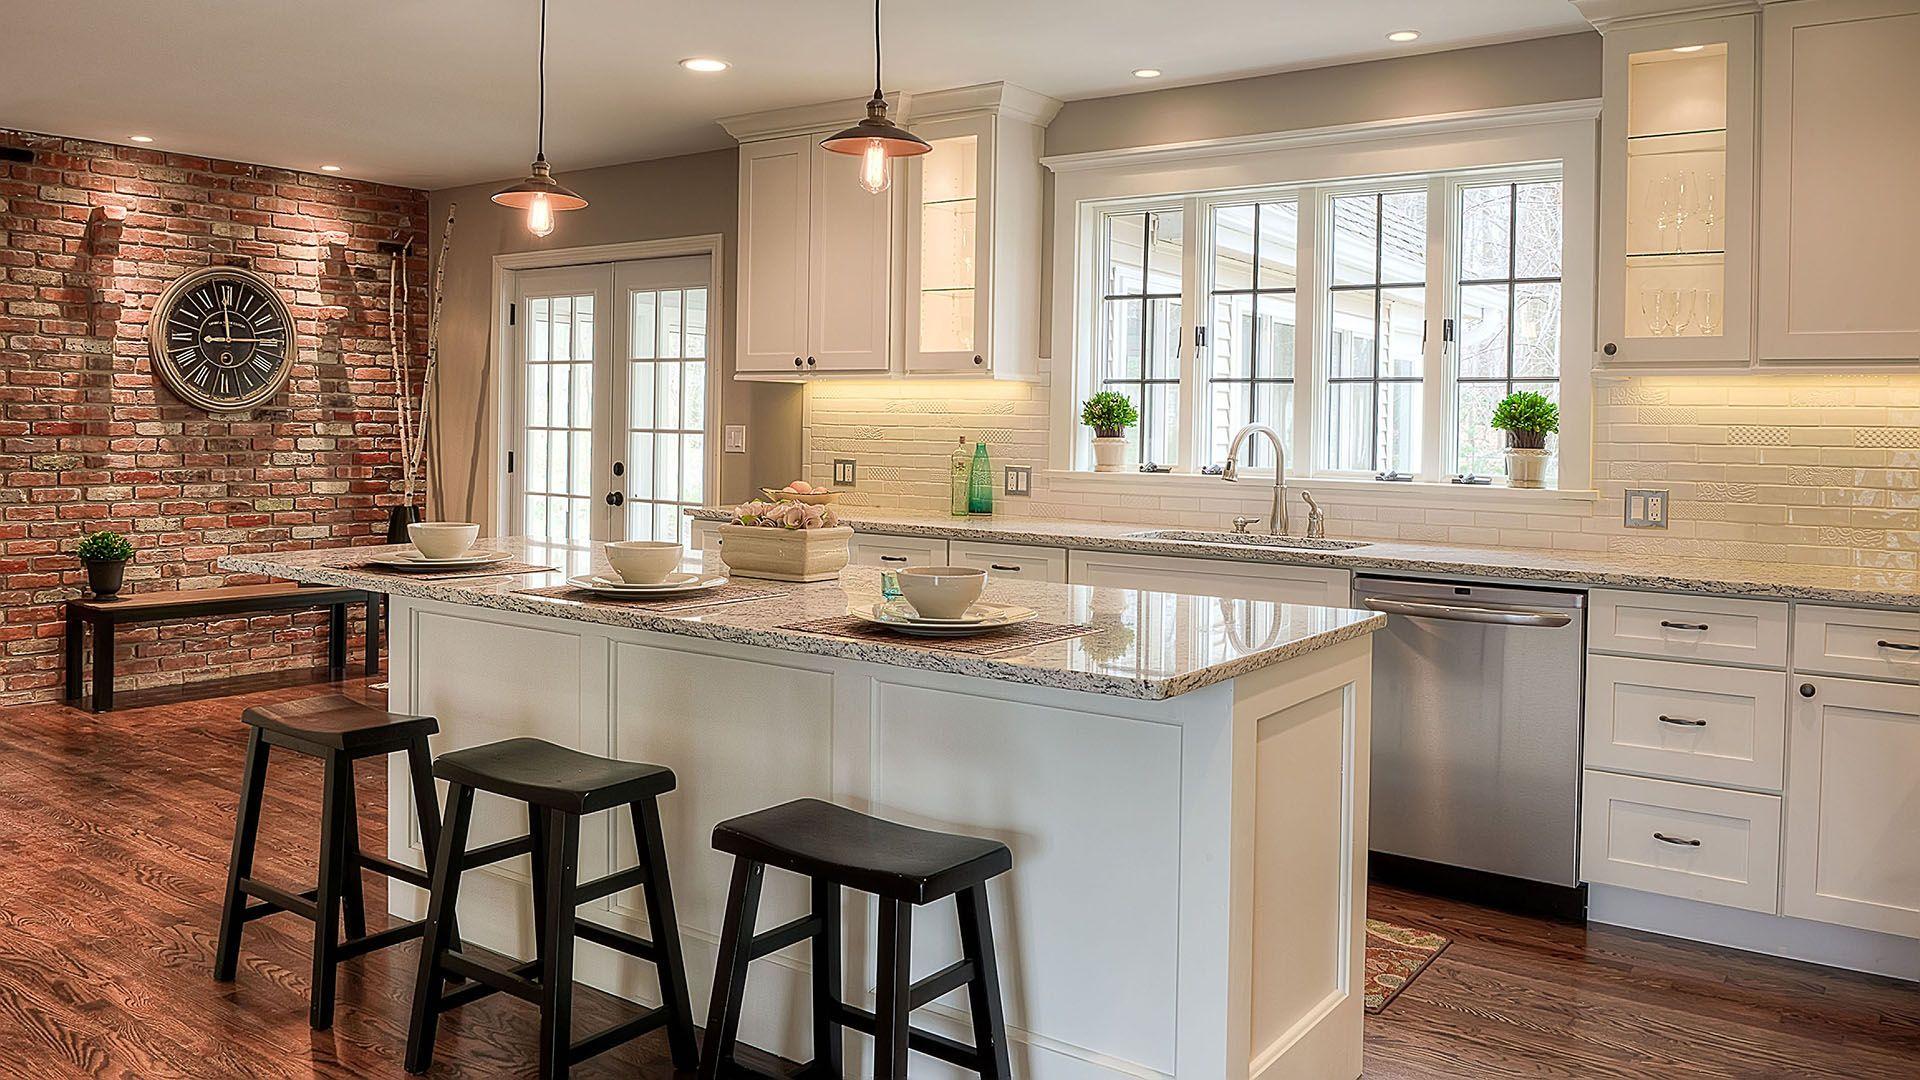 Kitchen With Counter Depth Wide Windows Brick Wall Kitchen